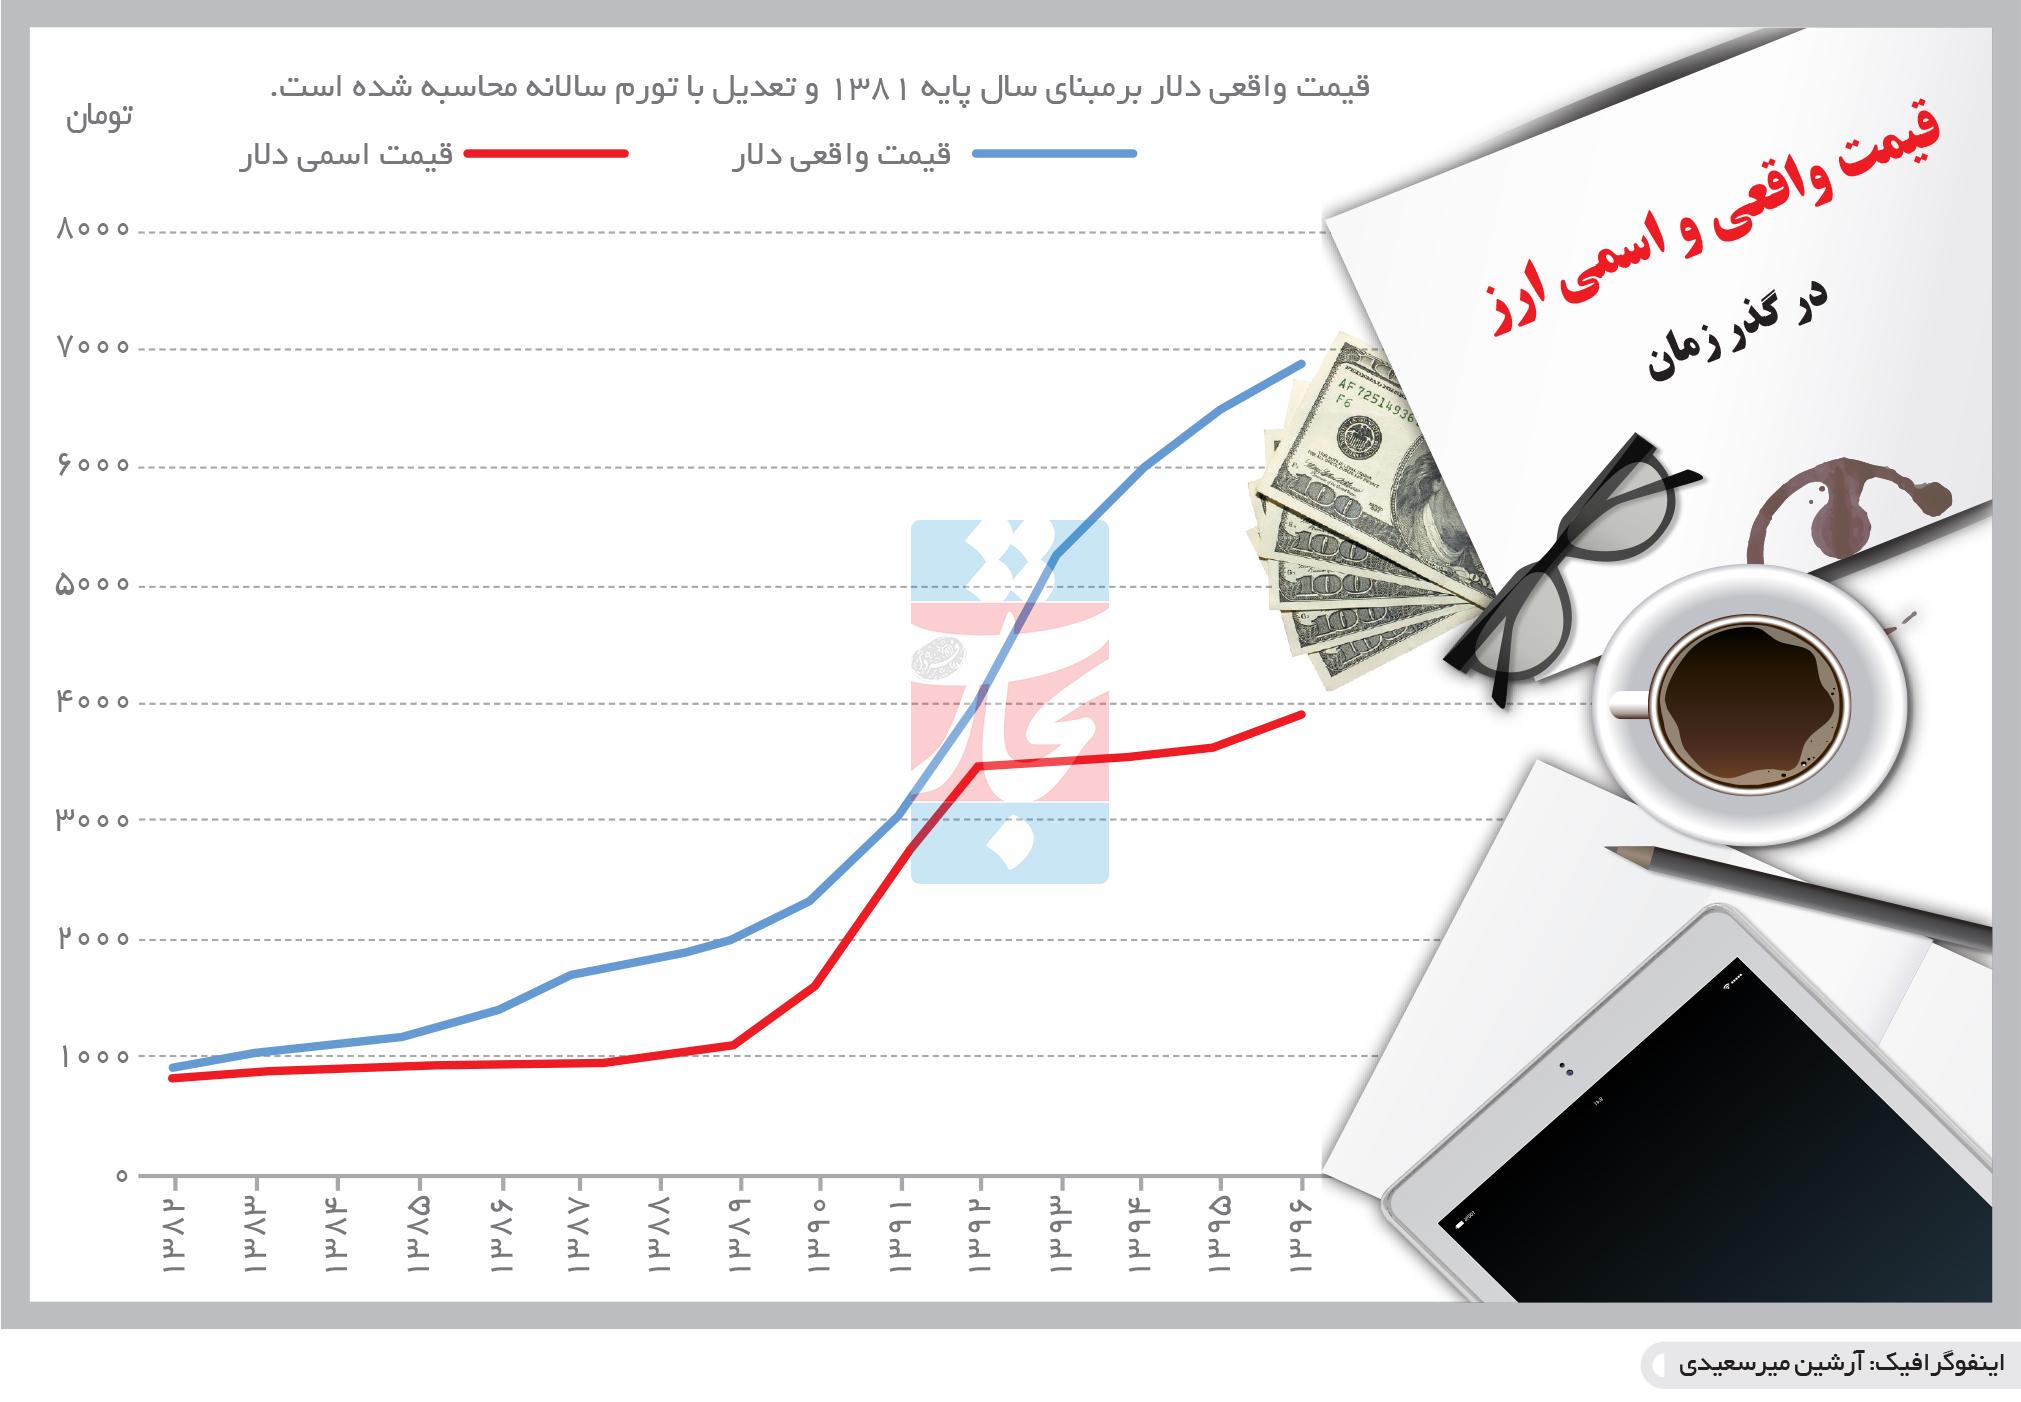 تجارت- فردا- قیمت واقعی و اسمی ارز(اینفوگرافیک)